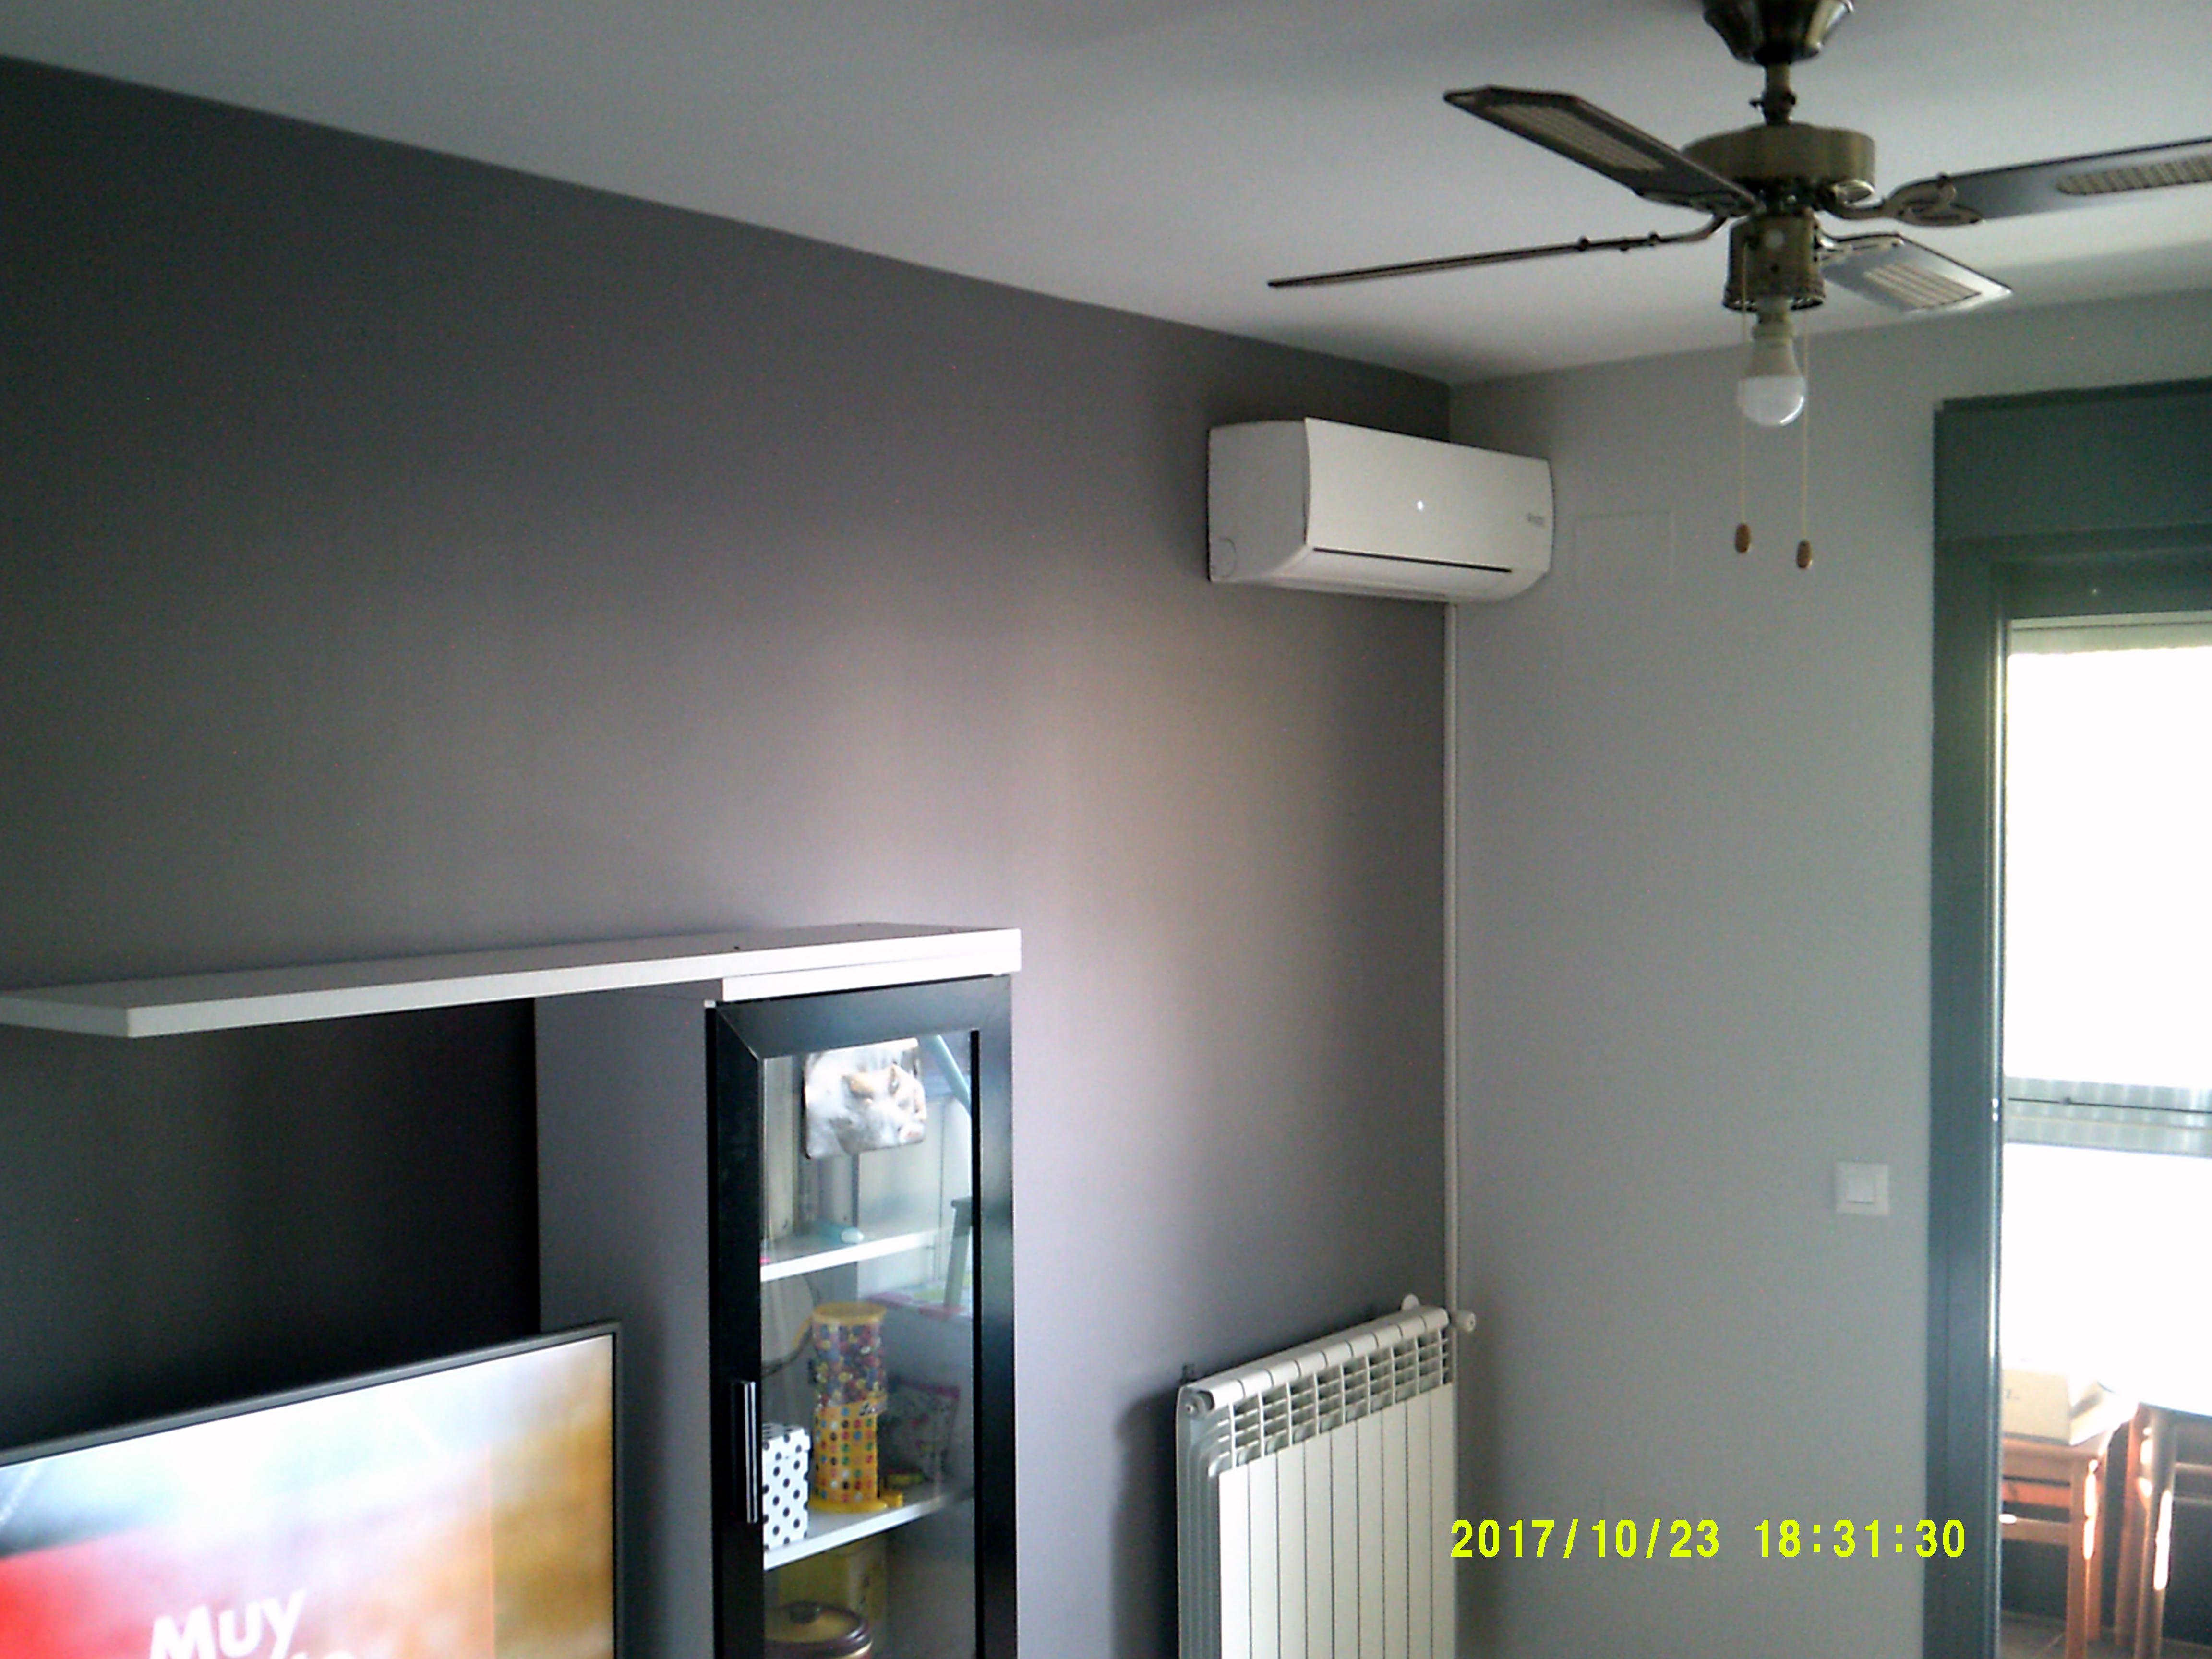 Color gris perla para paredes trendy decoracin gris de la for Paredes turquesa y gris